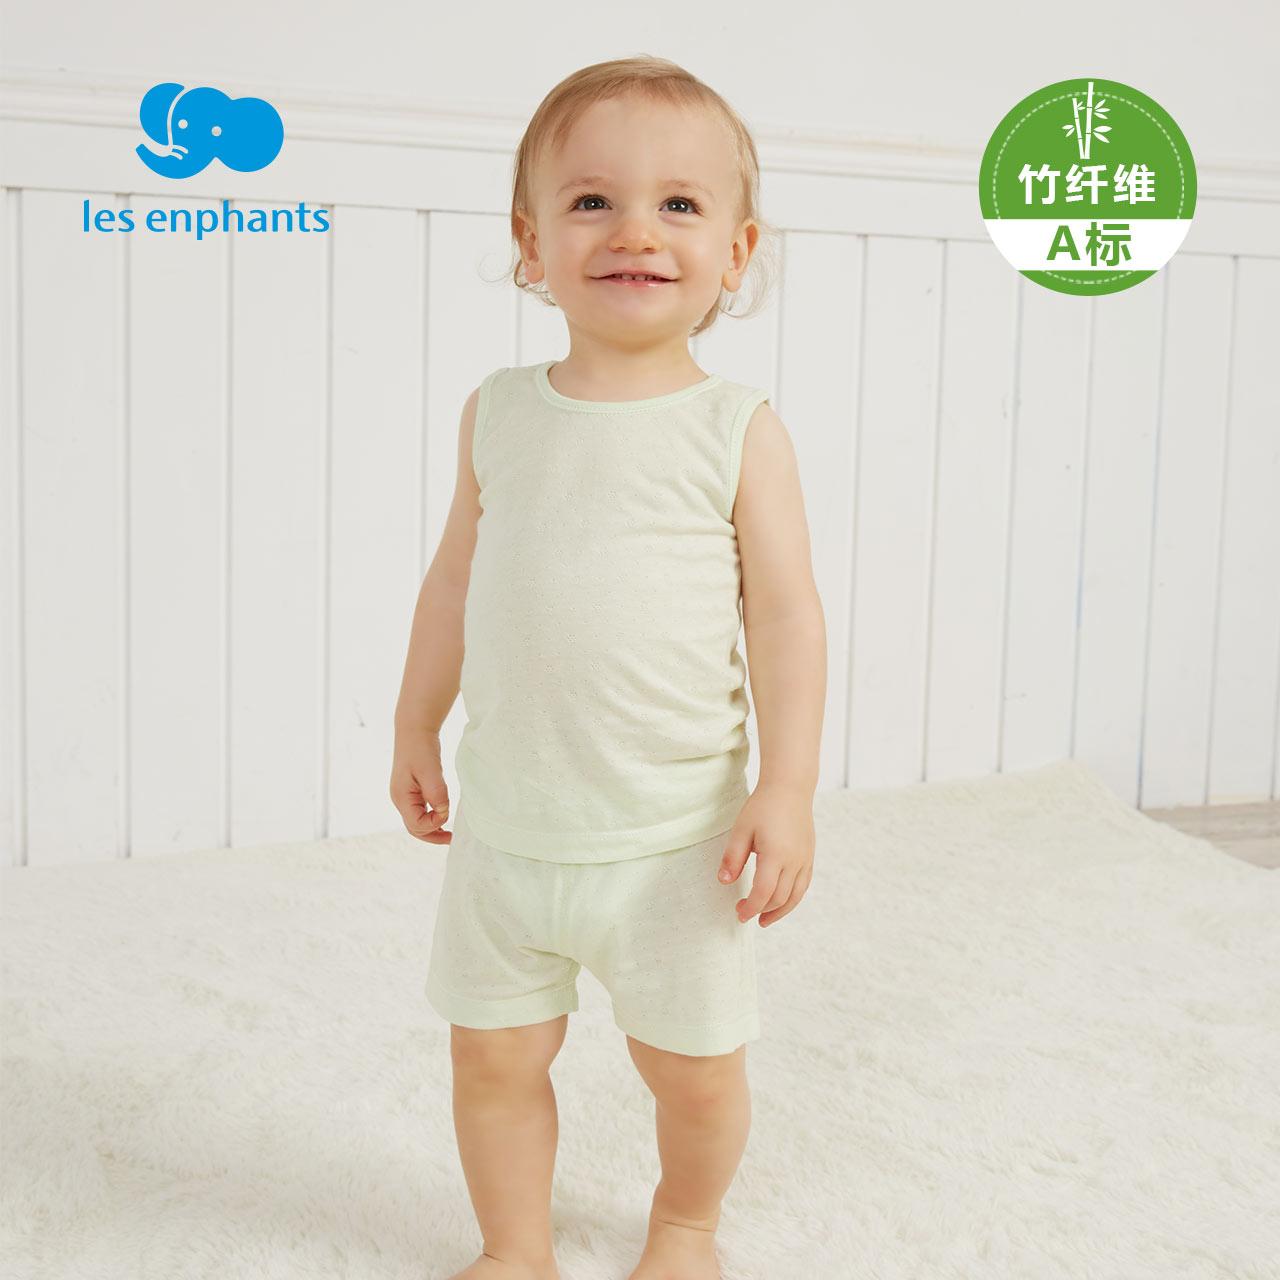 丽婴房婴儿衣服儿童竹纤维背心套装男女童夏季内衣套装2018新款